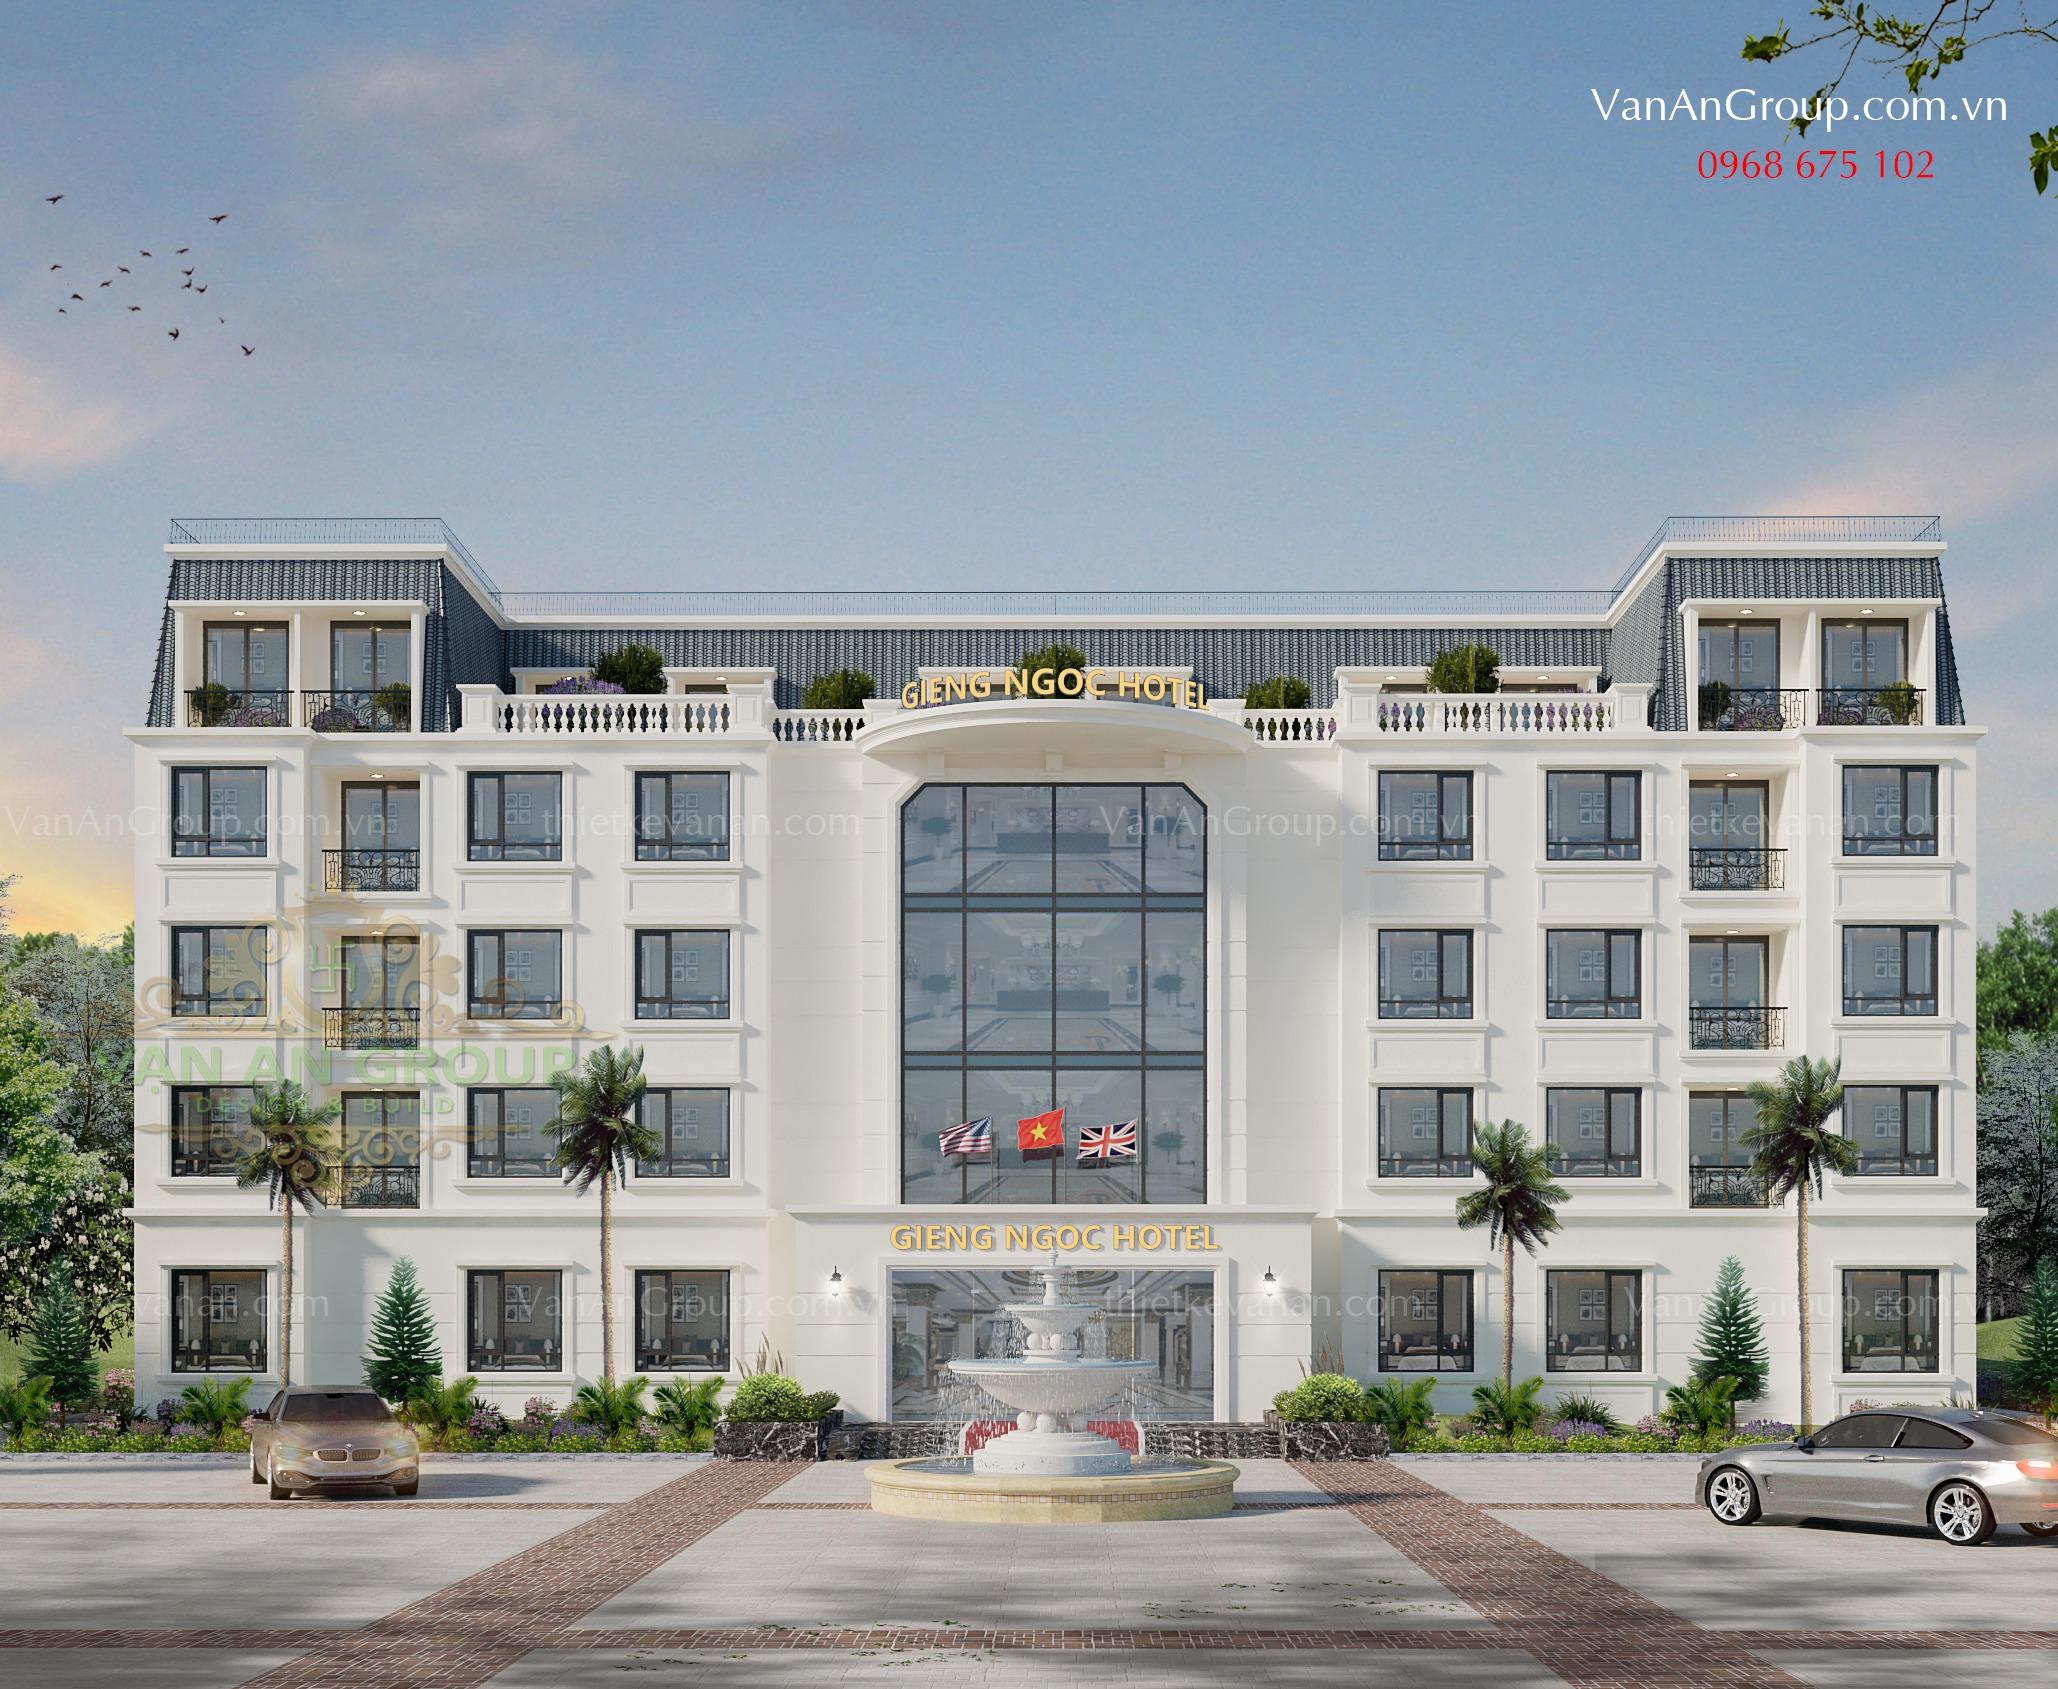 công ty chuyên thiết kế thi công khách sạn